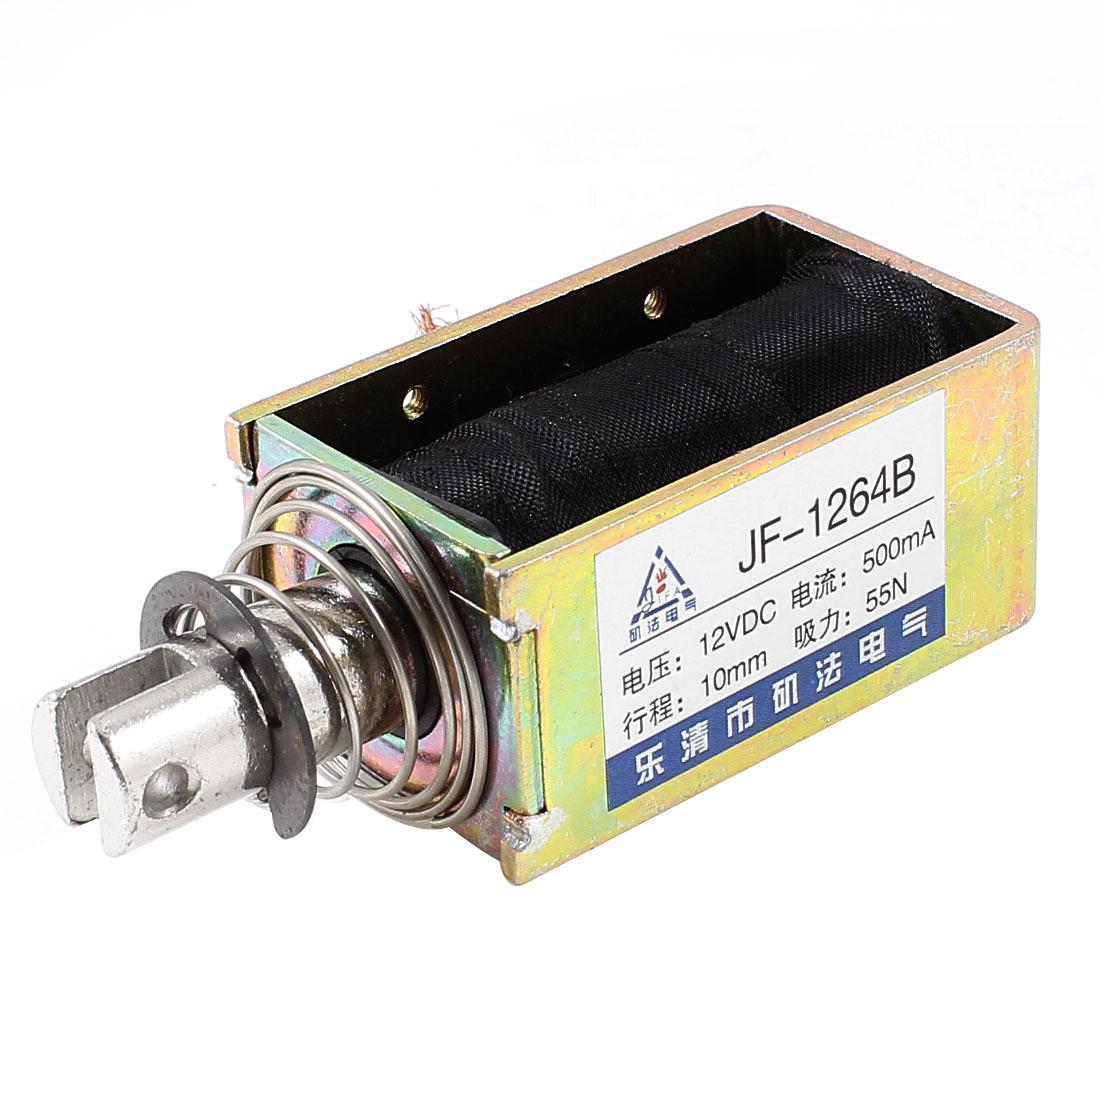 10mm Stroke 5.5Kg Force Push Pull Open Frame Solenoid Electromagnet DC 12V 0.5A